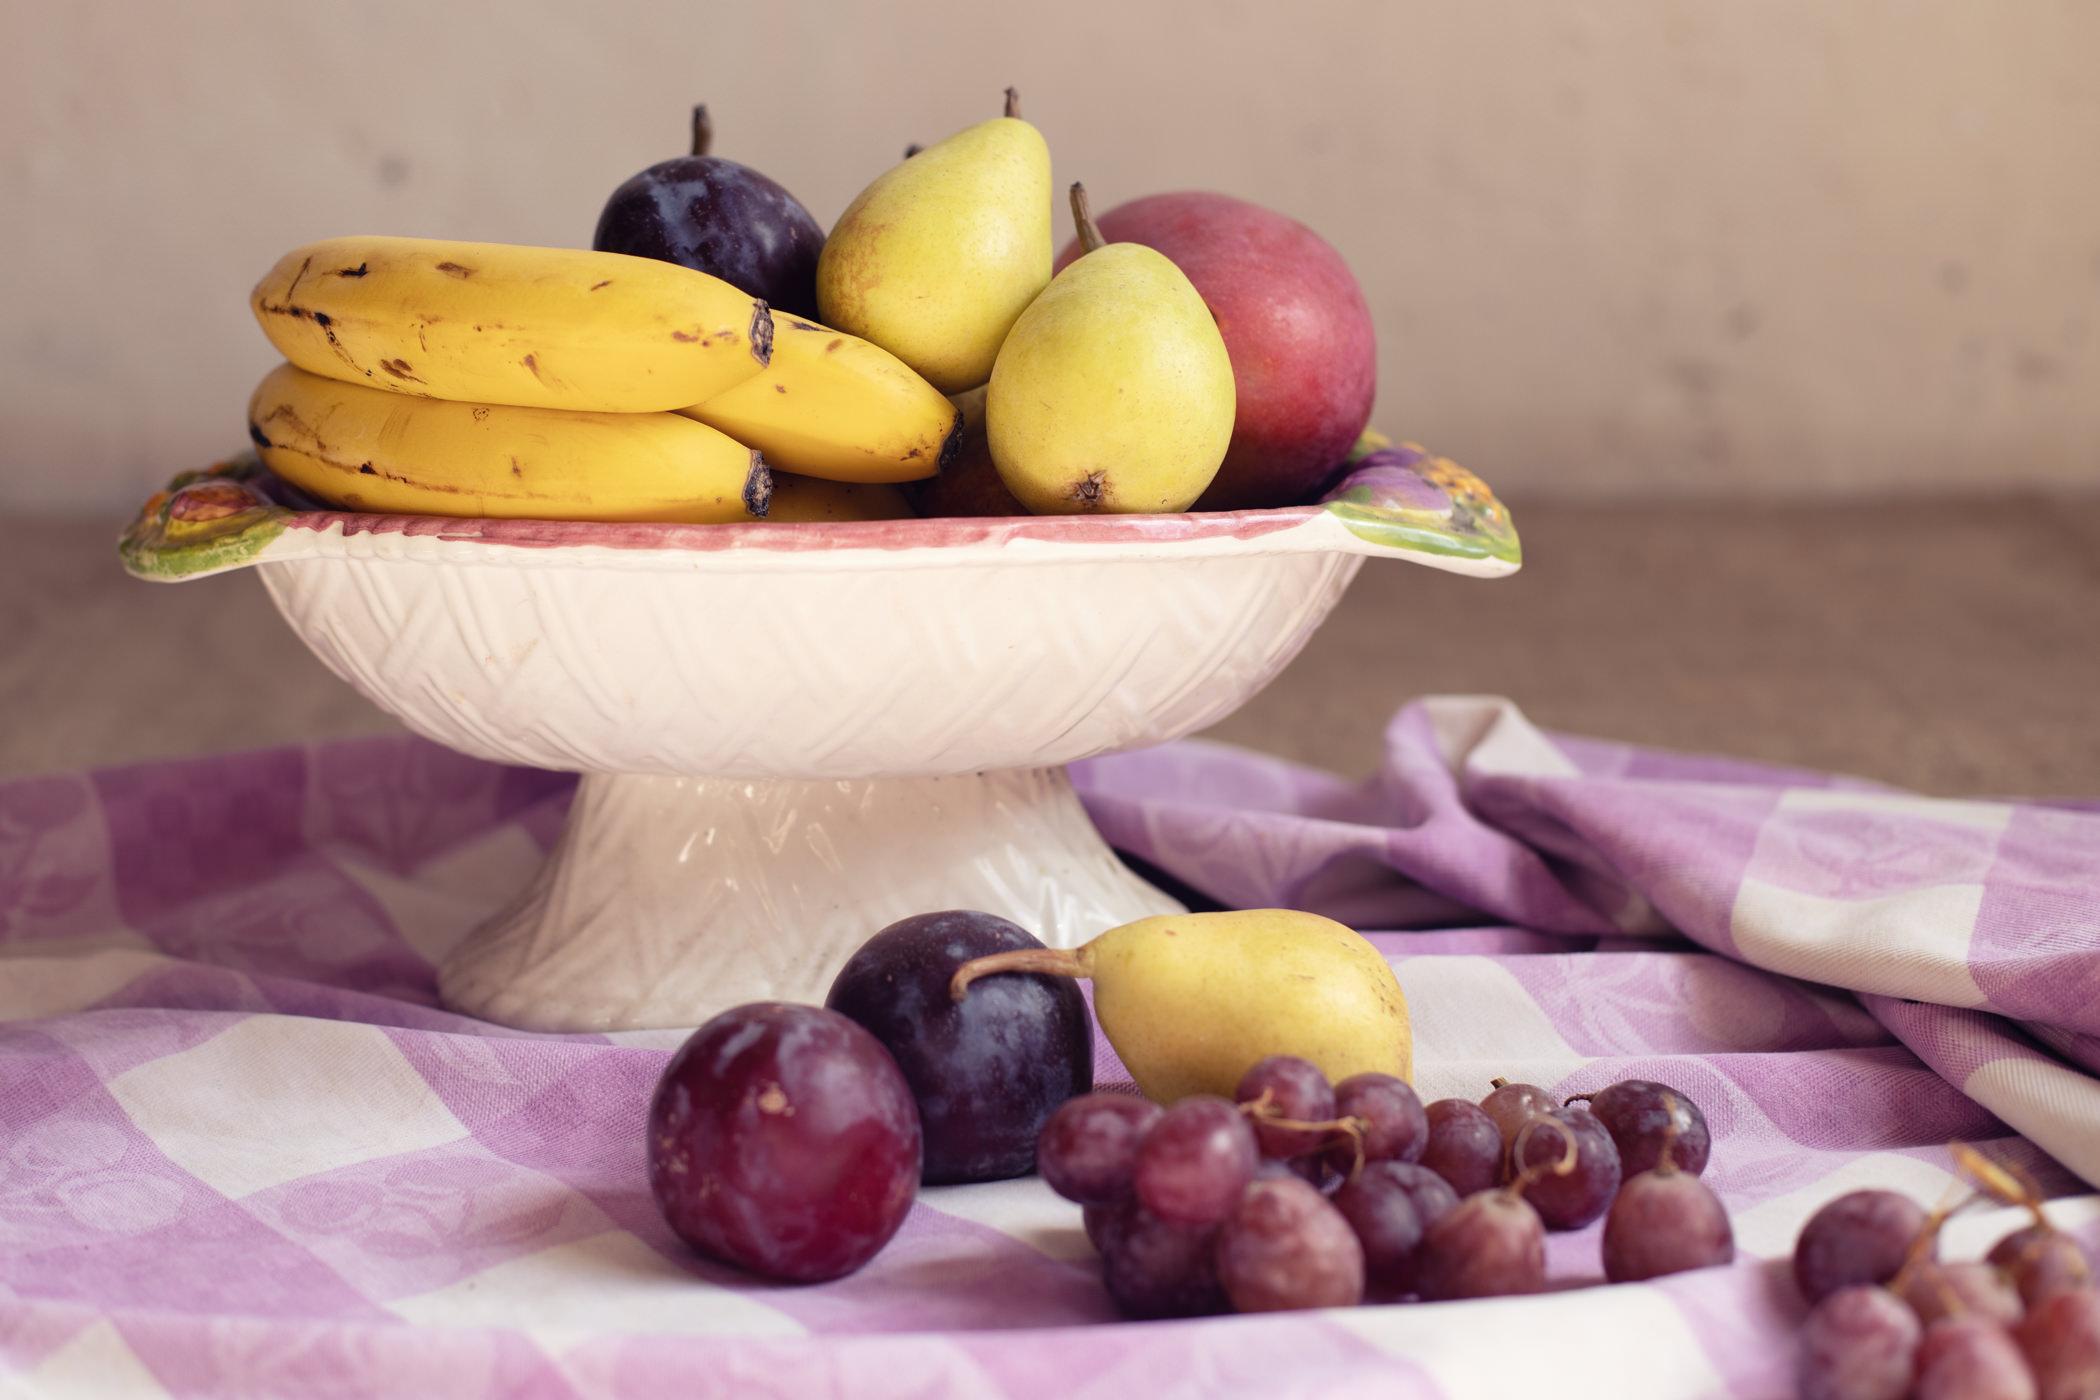 Bodegón de frutas clásico, con plátanos, peras, ciruelas y uvas